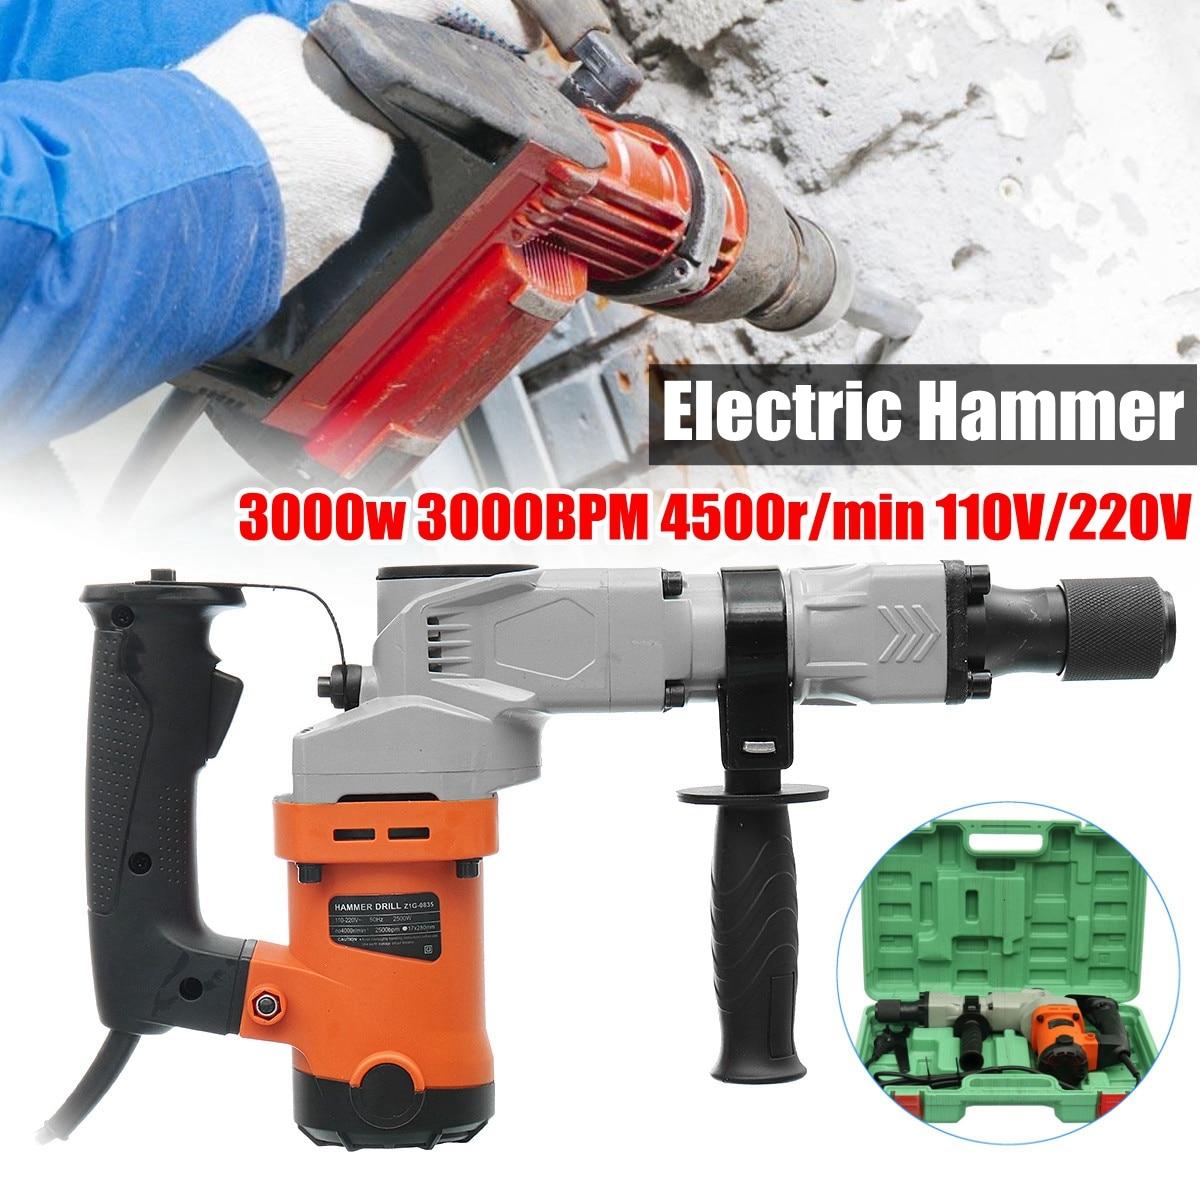 220 v Trapani Elettrici 3000 w Elettrico Demolition Hammer Drill Calcestruzzo Breaker Pugno Jackhammer 3000BPM